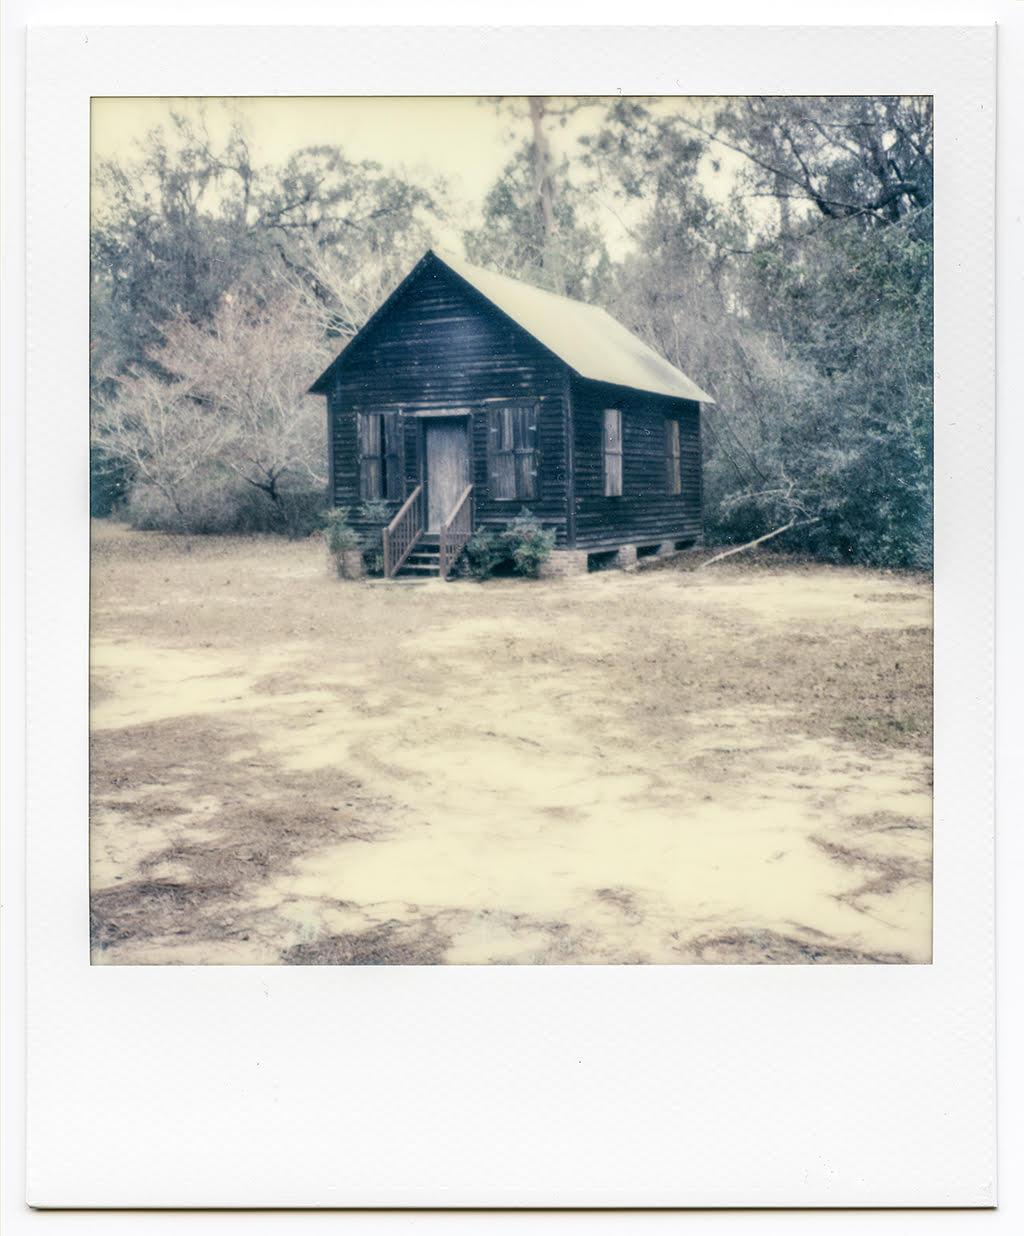 8Bob_Kelterborn_Polaroid2.jpg